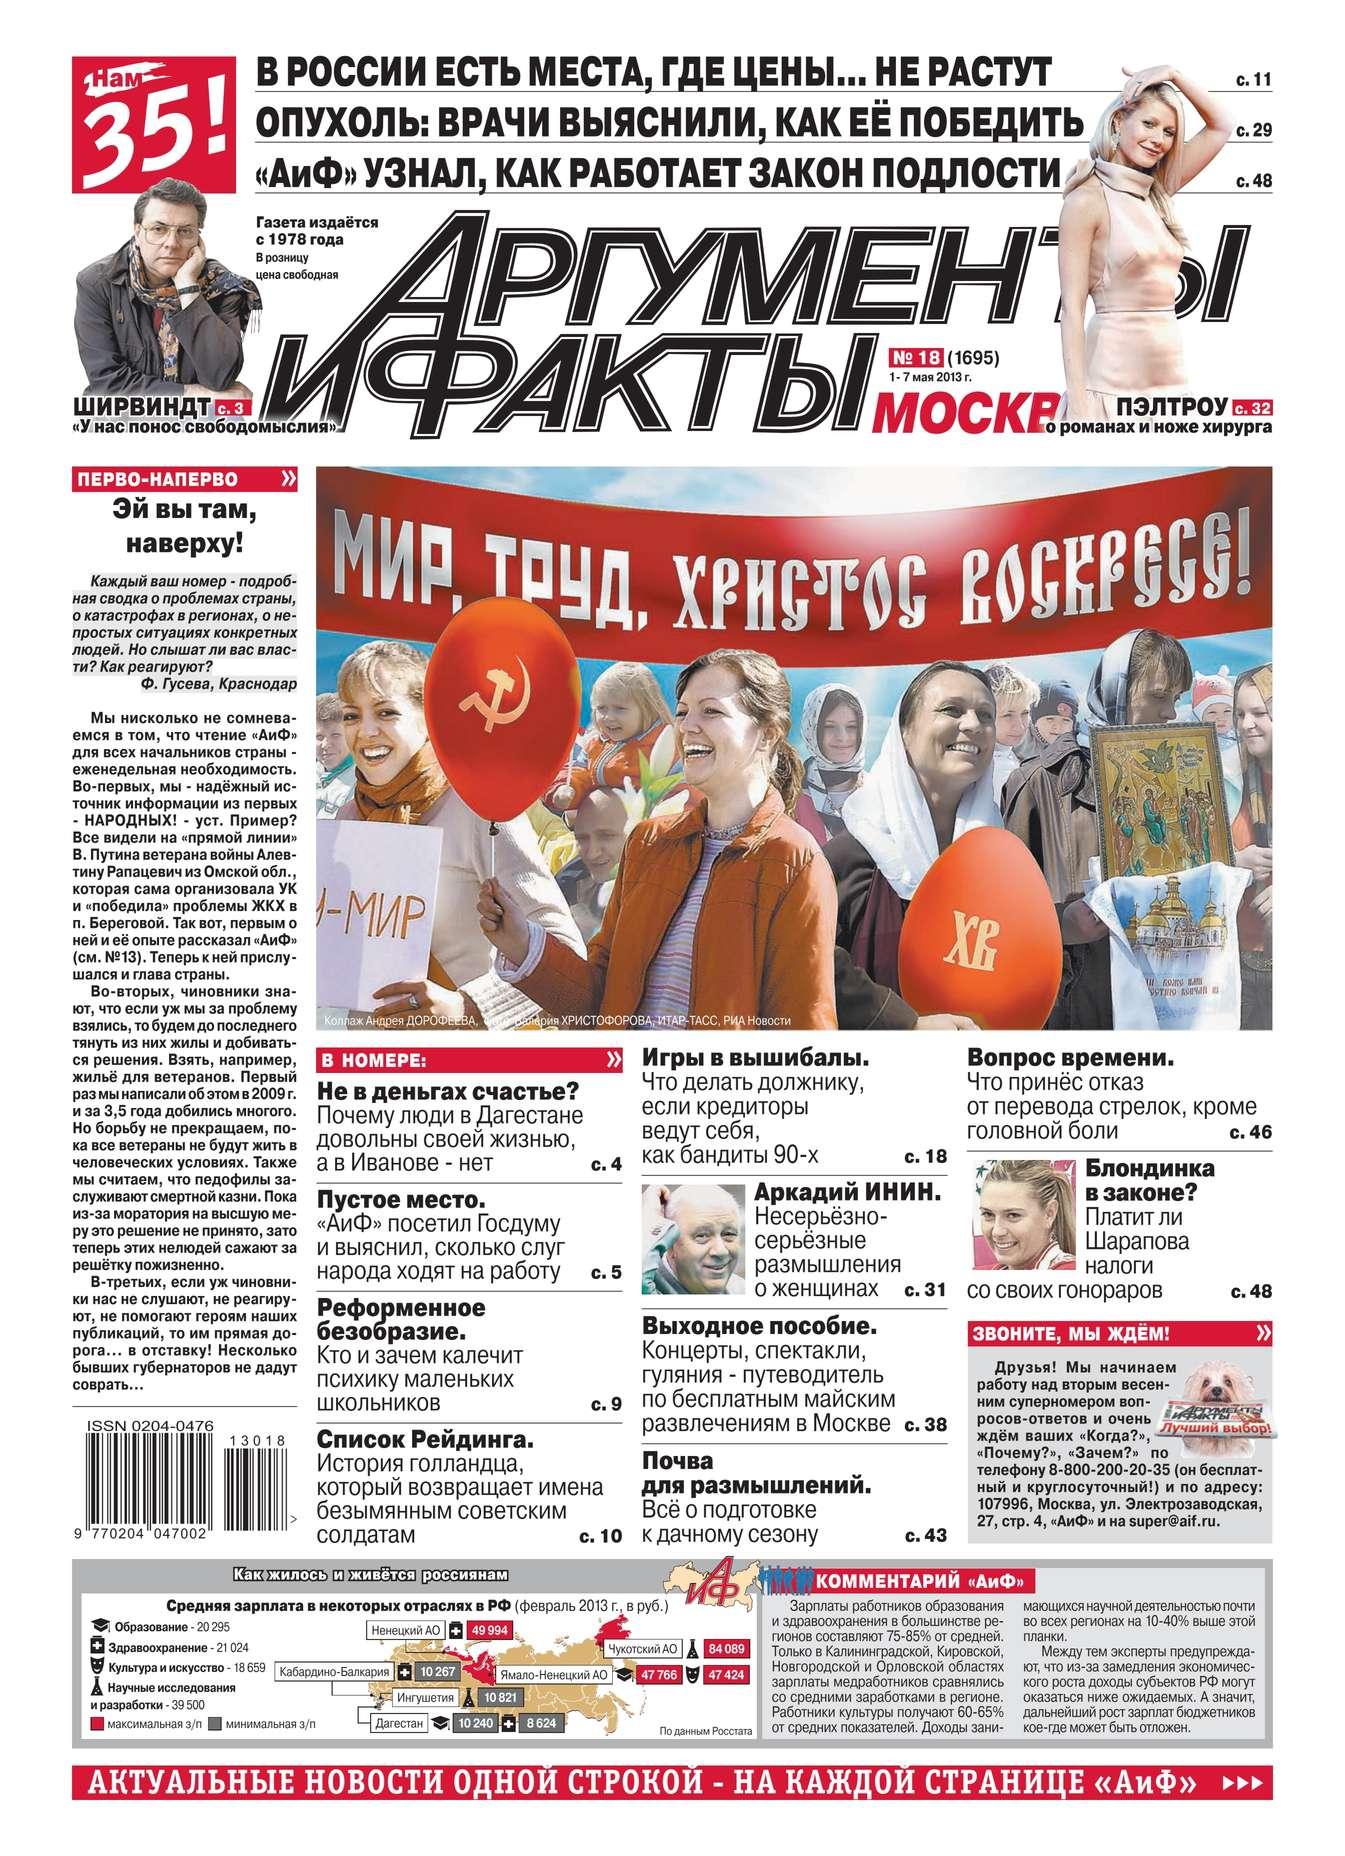 Редакция журнала Аиф. Про Кухню Аргументы и факты 18-2013